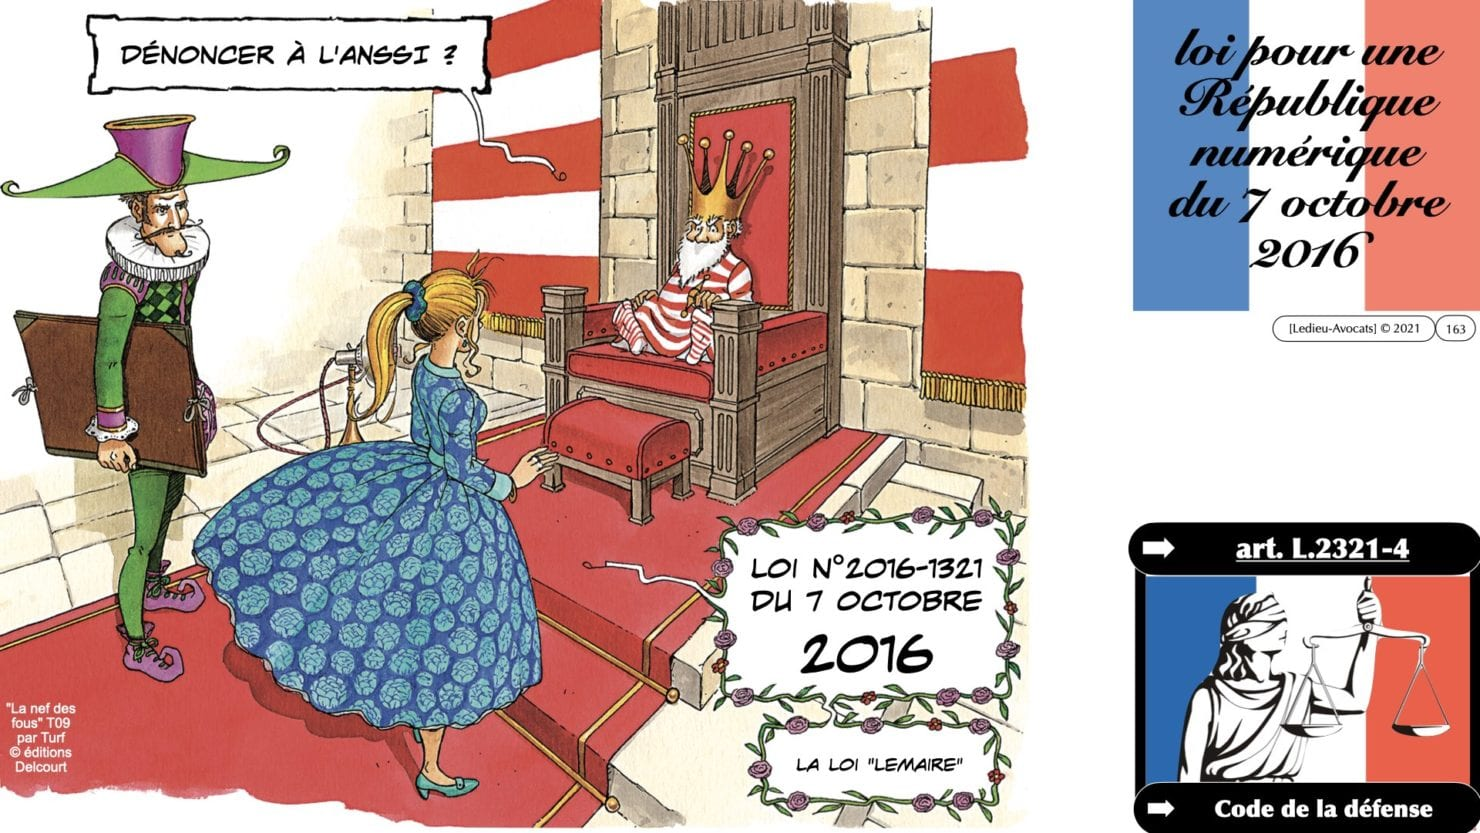 333 CYBER ATTAQUE responsabilité pénale civile contrat © Ledieu-Avocats 23-05-2021.163